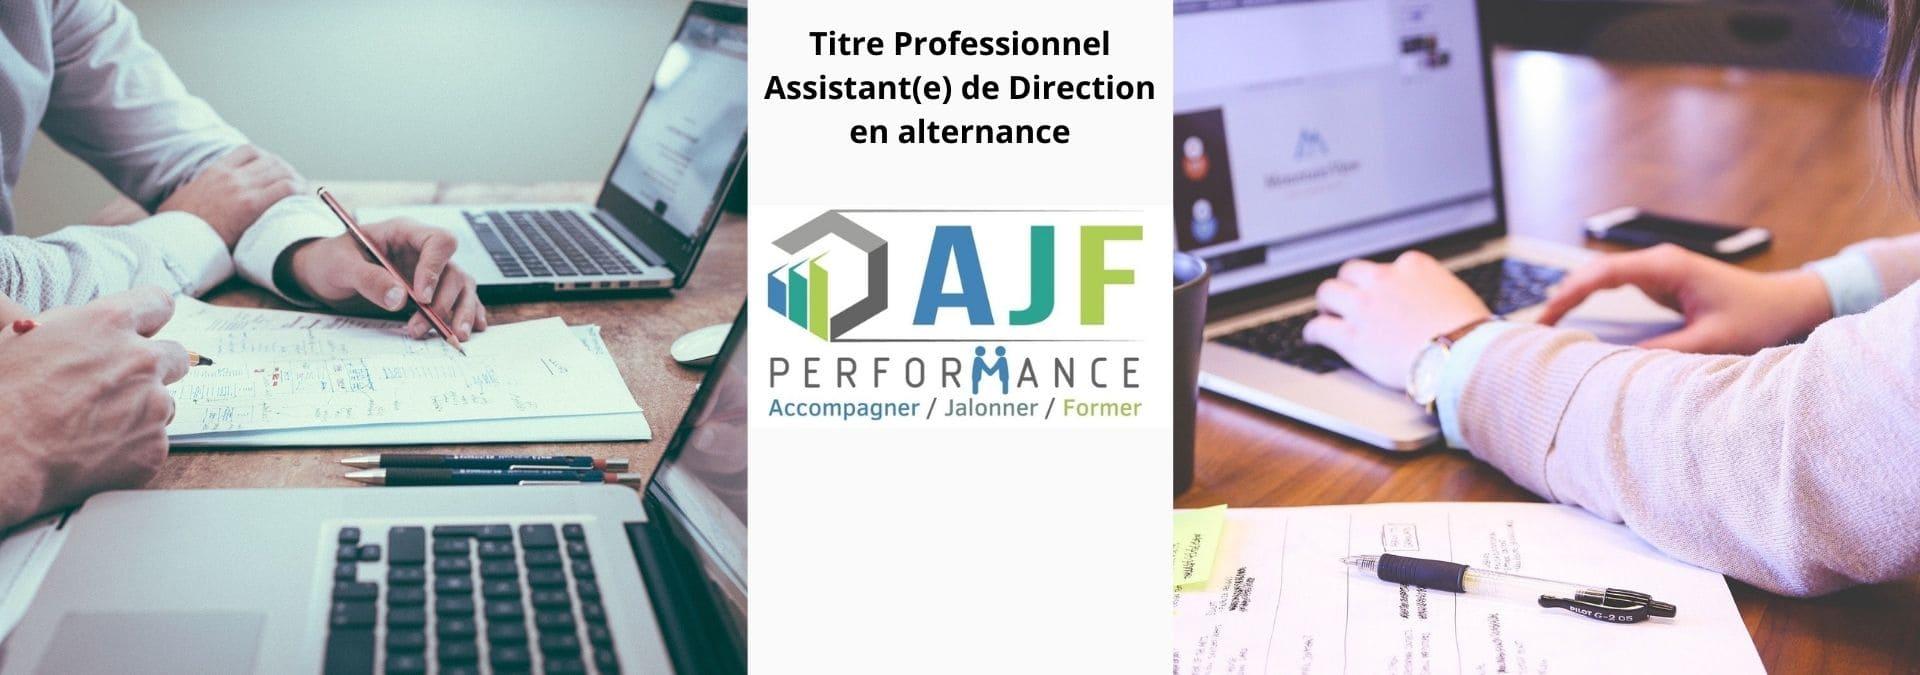 Titre Professionnel Assistant(e) de Direction en alternance - AJF Performance